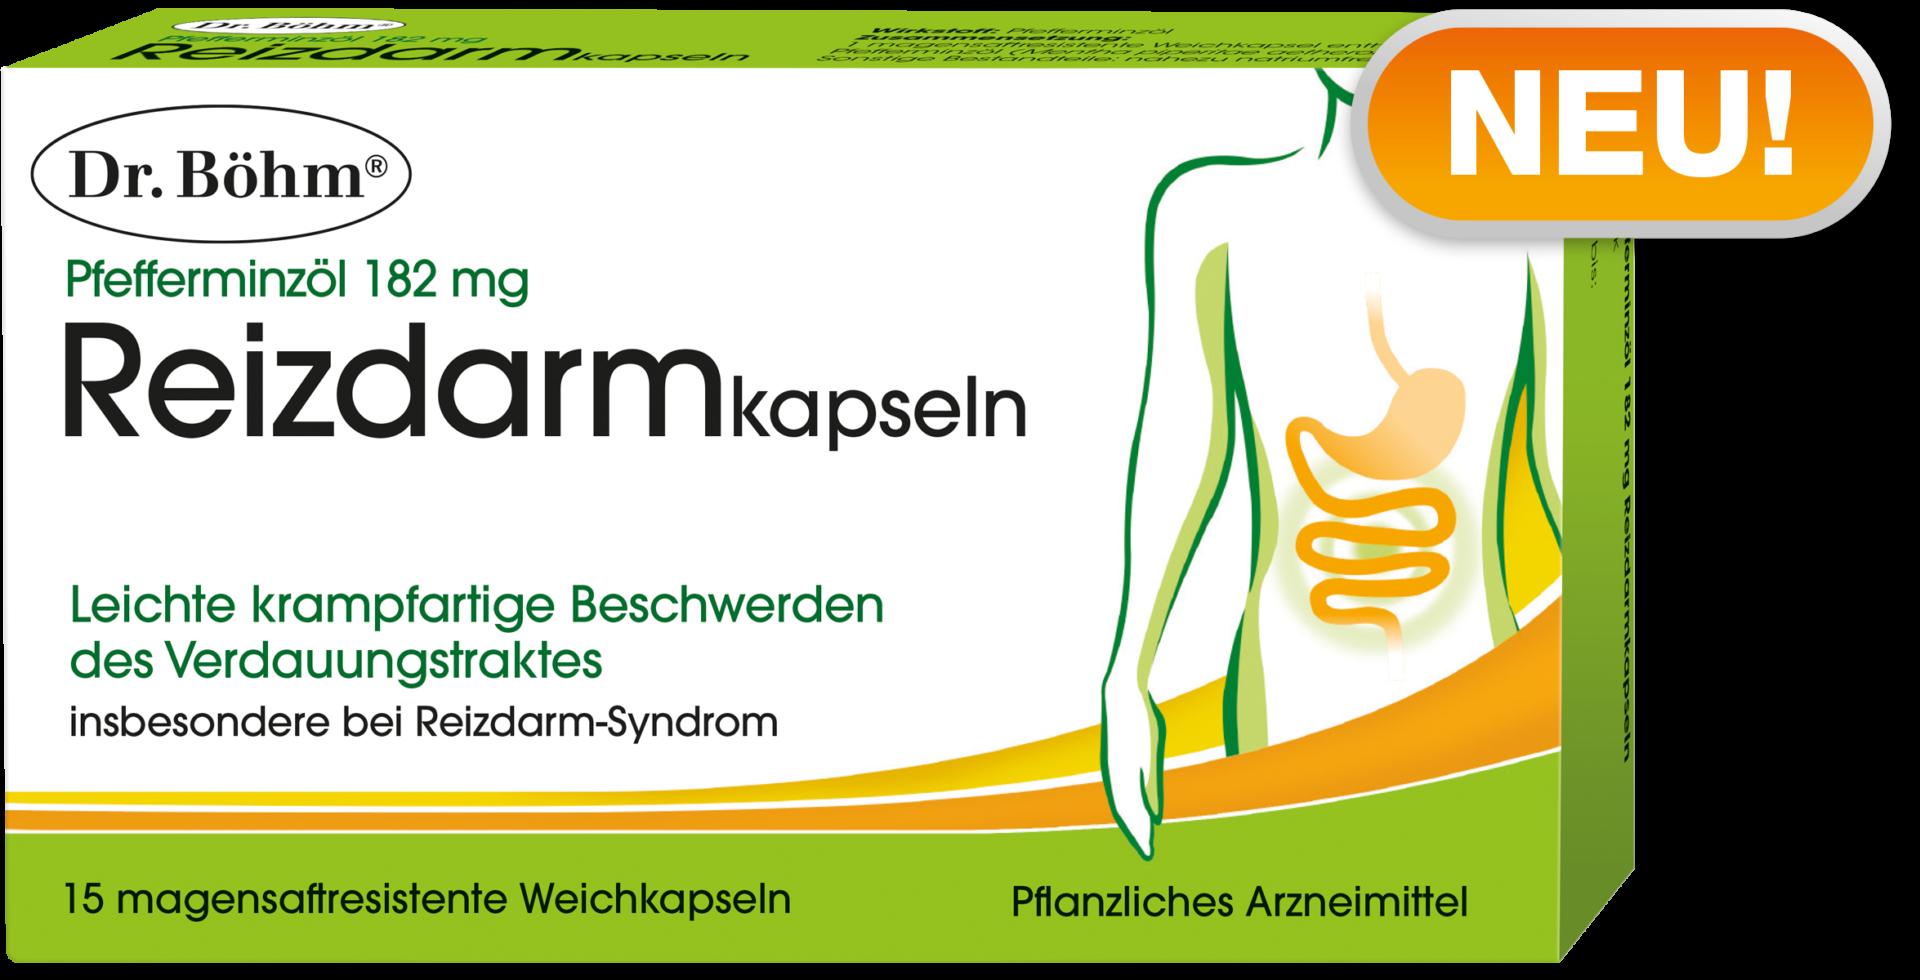 NEU! Dr. Böhm® Reizdarmkapseln, Pfefferminzöl 182 mg, Pflanzliches Arzneimittel